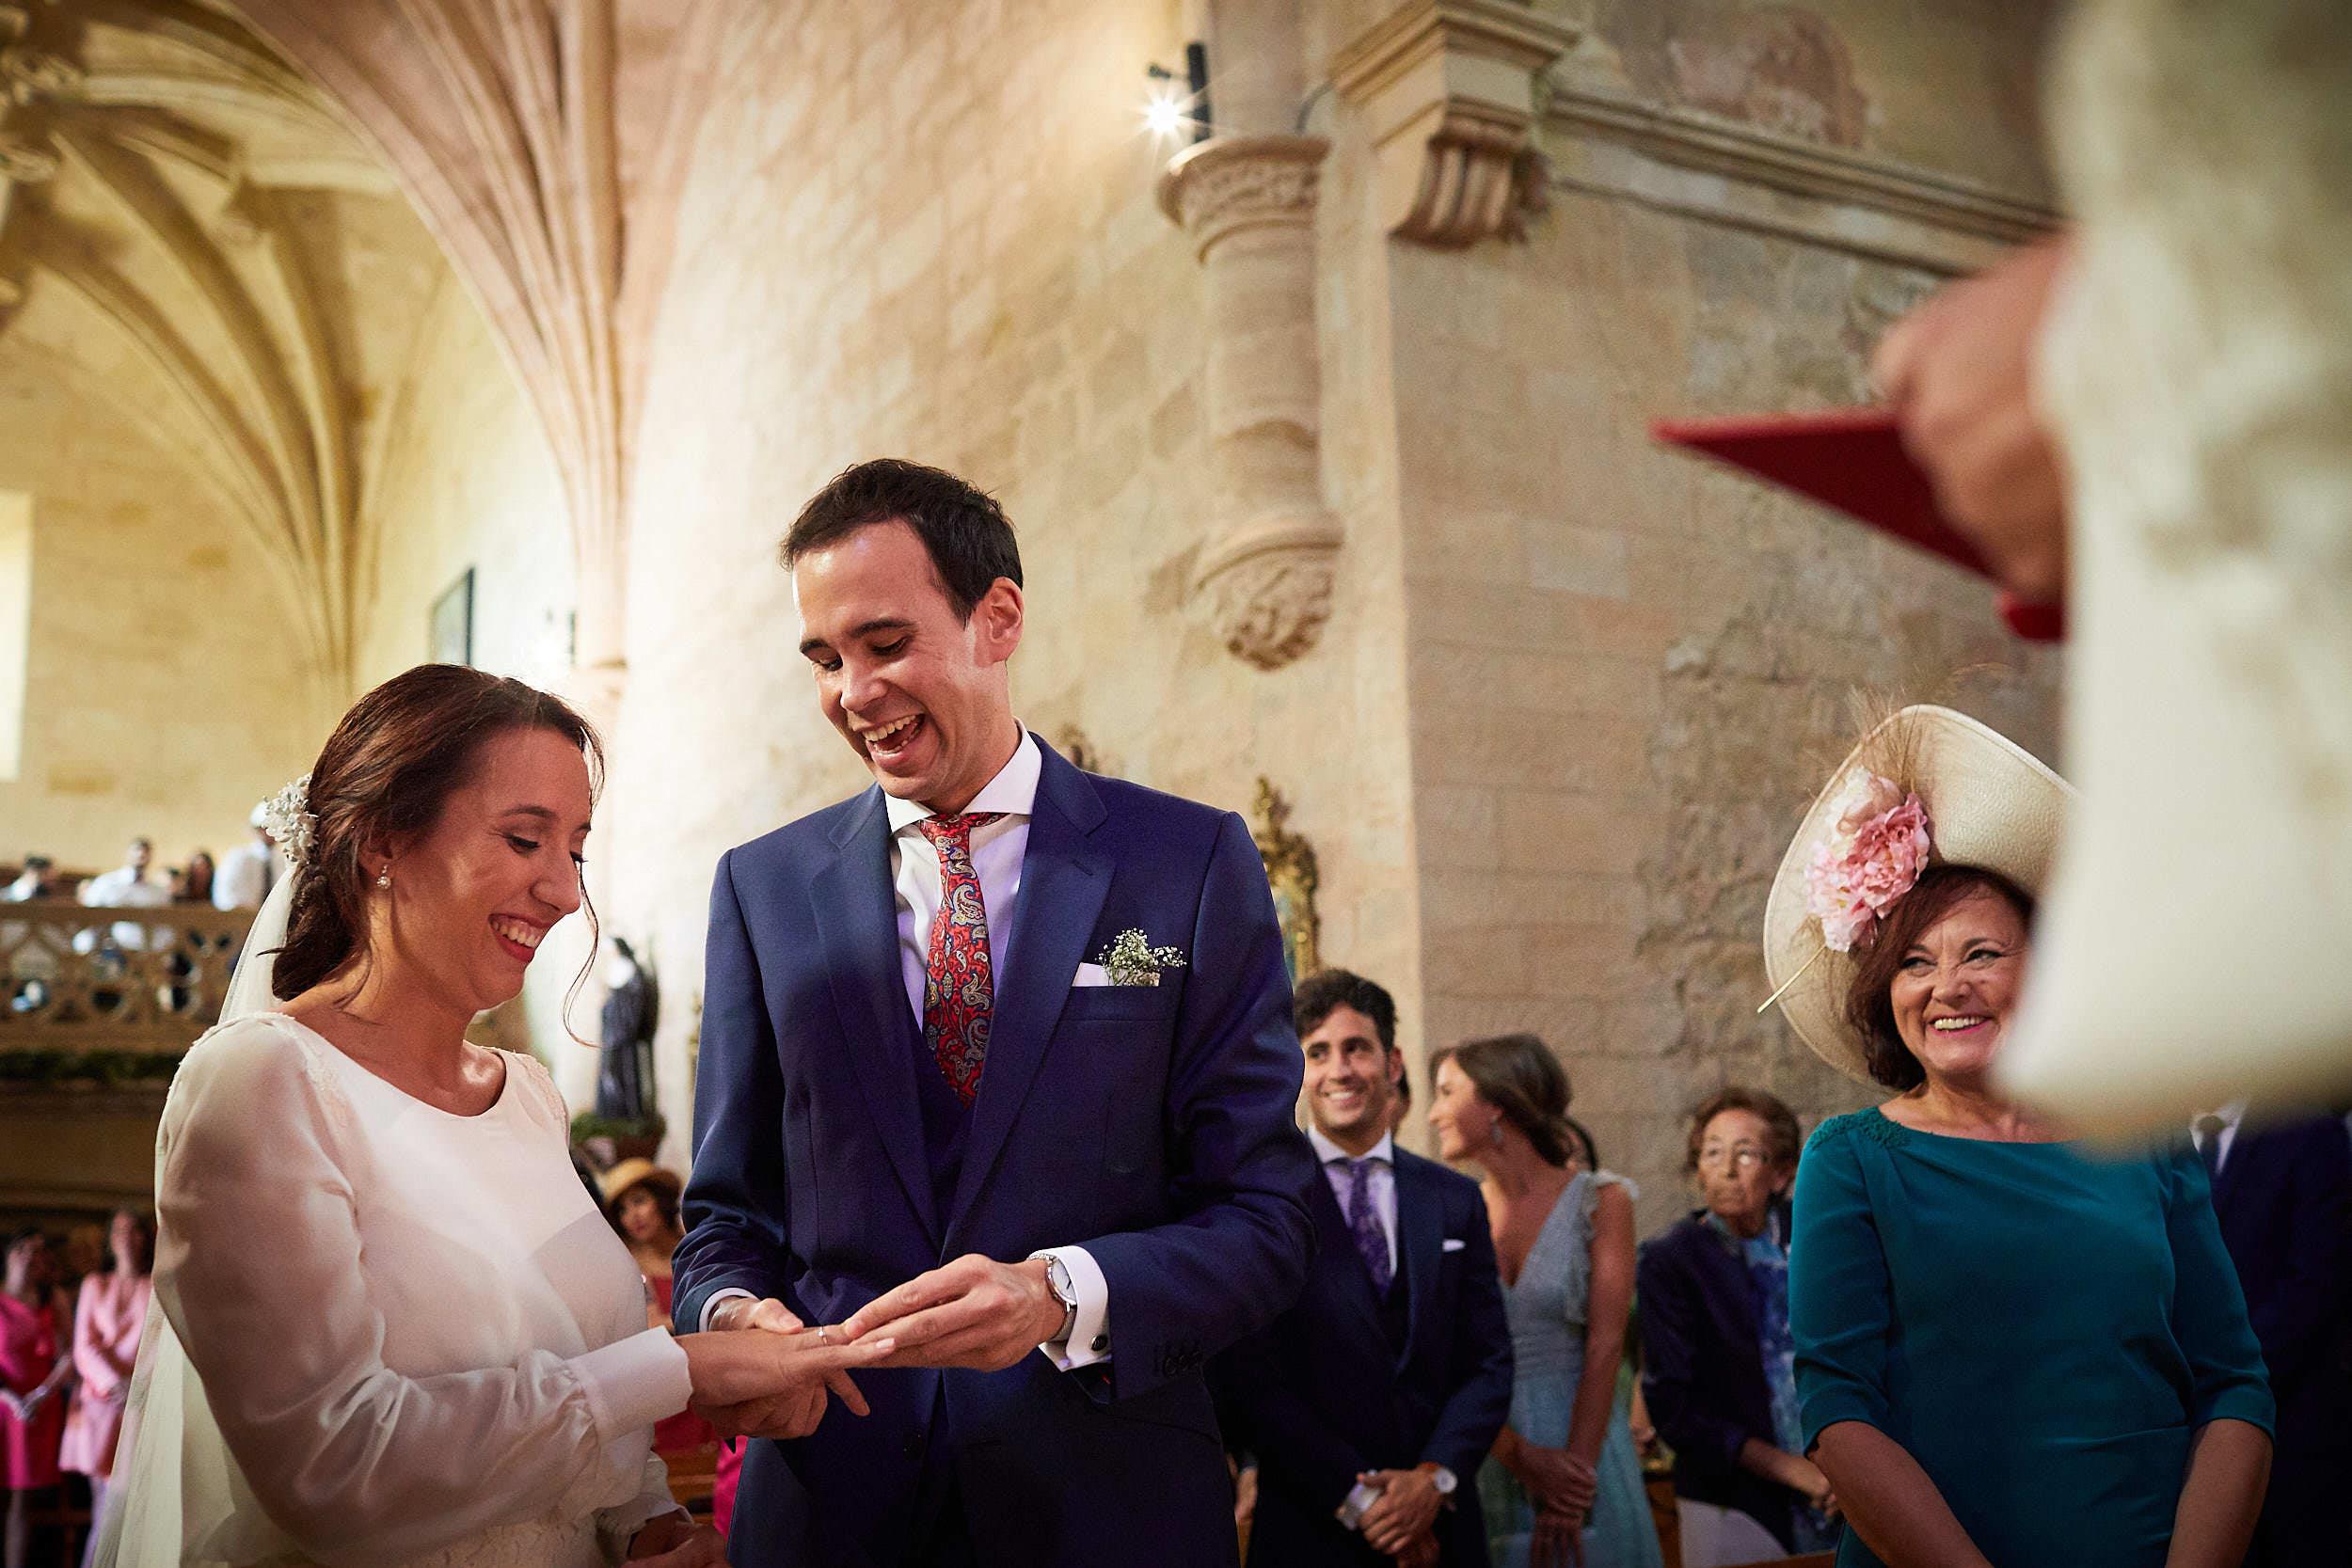 Fotógrafo de boda con estilo documental y fotoperiodismo en La Rioja Palacio Casafuerte Zarraton La Rioja Spain James Sturcke Photographer sturcke.org_00008.jpg